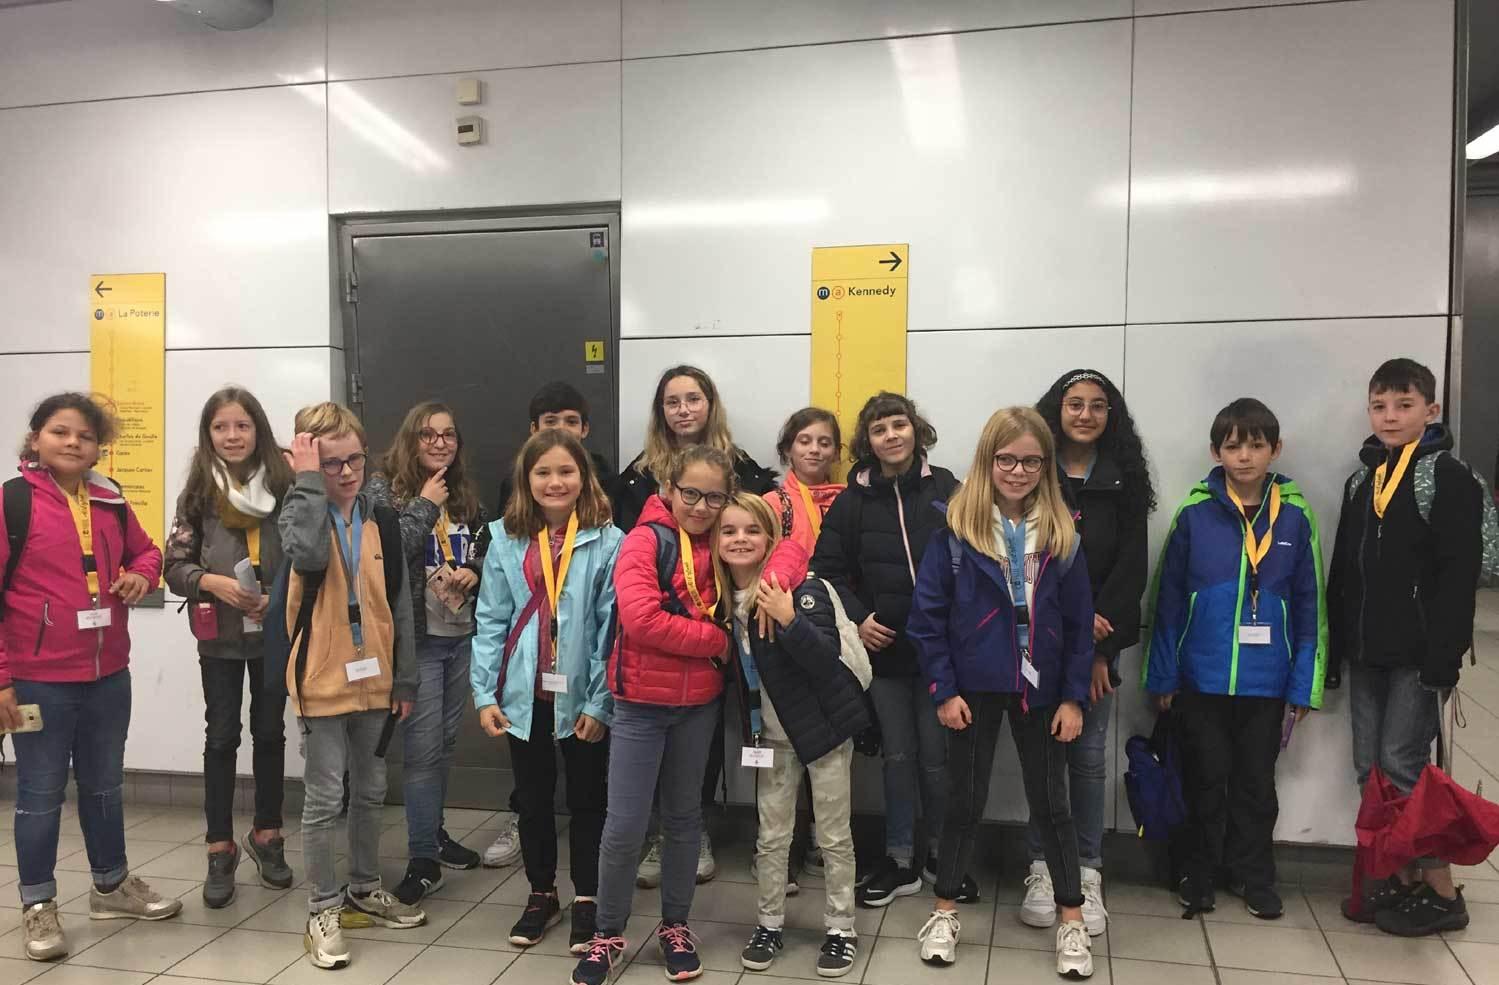 Le groupe dans le métro rennais